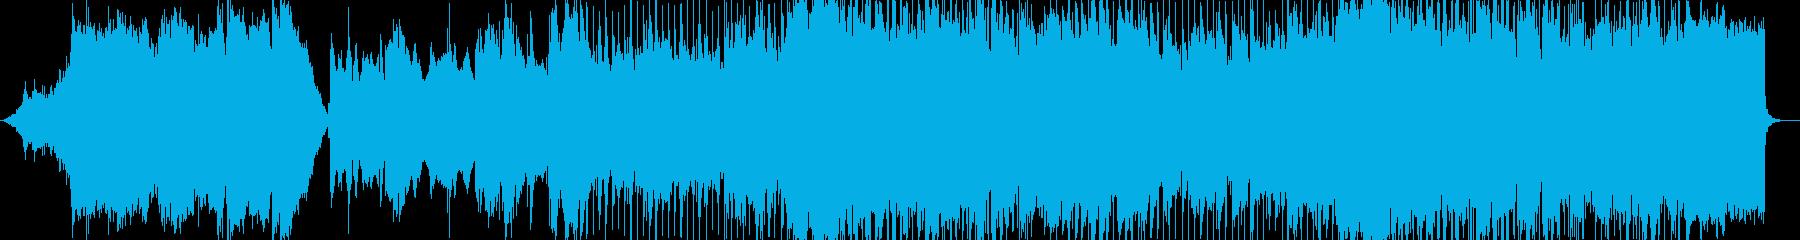 抒情的なメロディを奏でるシンセサイザーの再生済みの波形